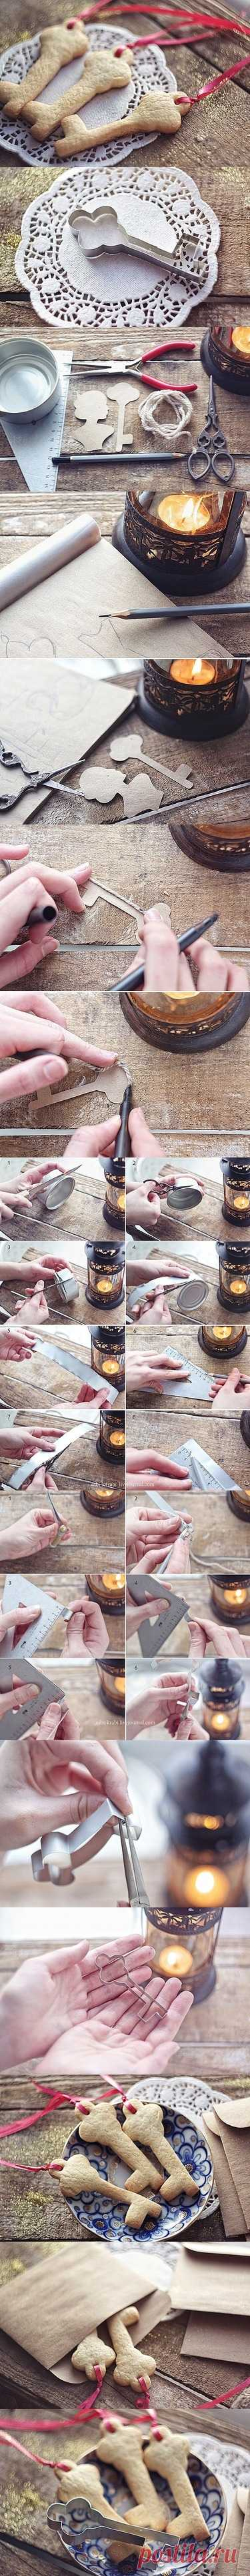 Как собственноручно сделать любую формочку для печенья.